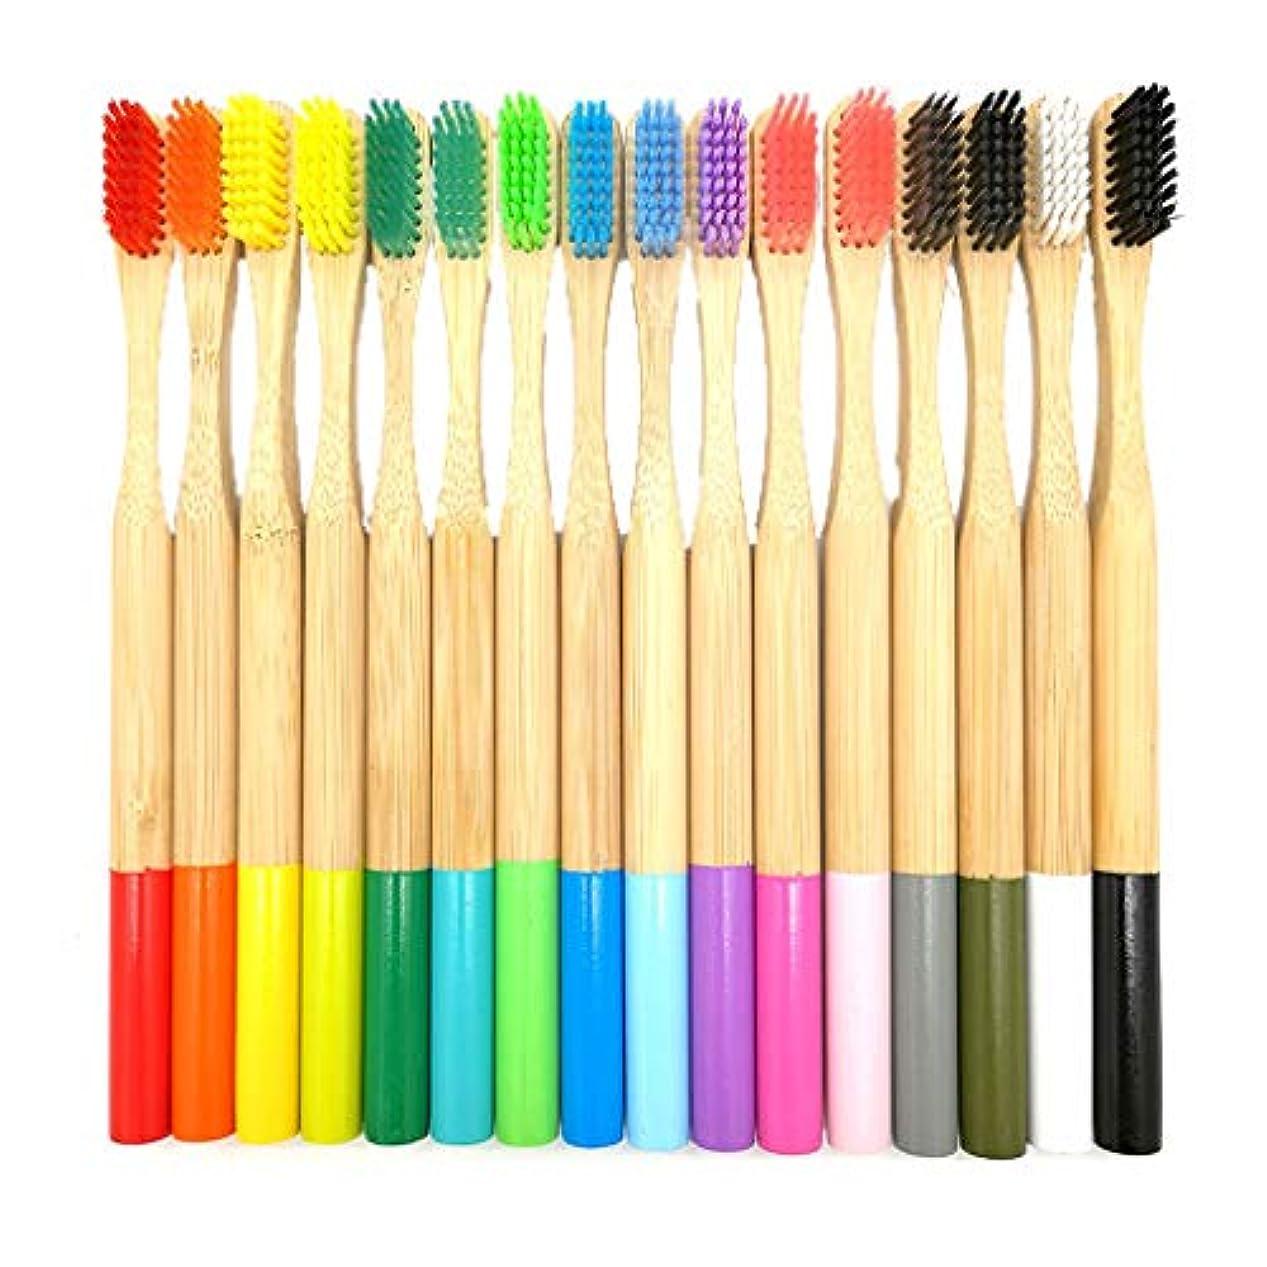 しなやかな王族ソブリケットLazayyii 成人 竹製の歯ブラシ オーラルケア 竹繊維 やわらかい歯ブラシ 人気16本 (マルチカラー)